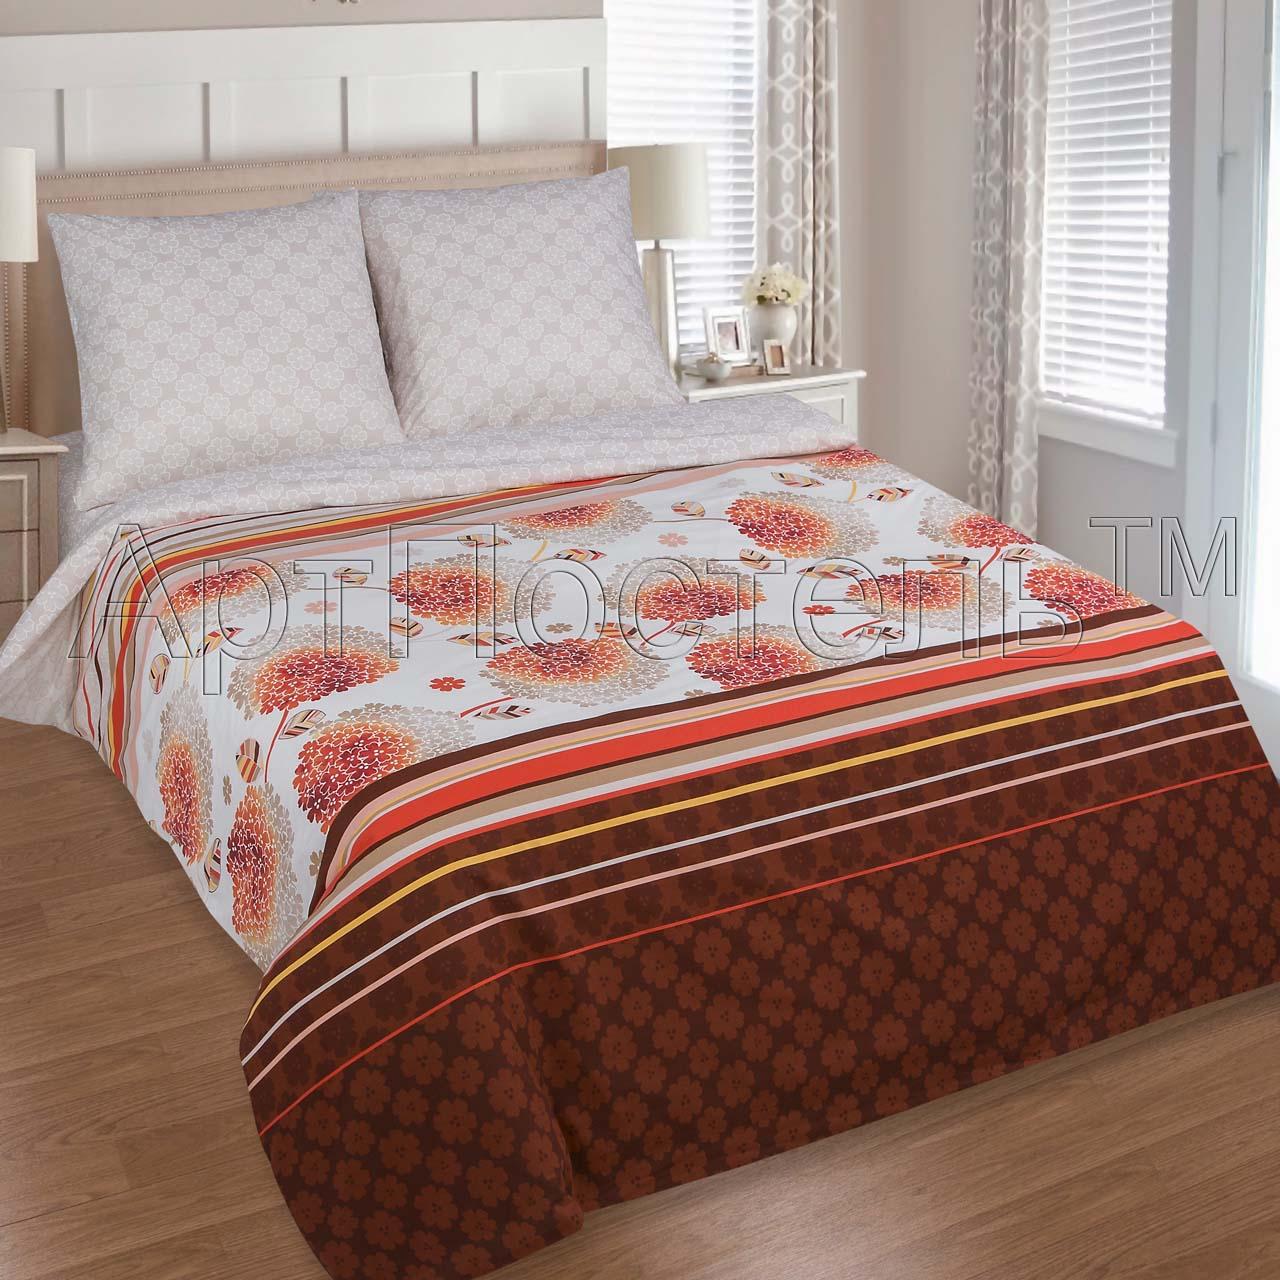 КПБ Гортензия р. 2,0-сп.Распродажа постельного белья<br>Плотность ткани: 115 г/кв. м <br>Пододеяльник: 217х180 см - 1 шт. <br>Простыня: 220х200 см - 1 шт. <br>Наволочка: 70х70 см - 2 шт.<br><br>Тип: КПБ<br>Размер: 2,0-сп.<br>Материал: Поплин